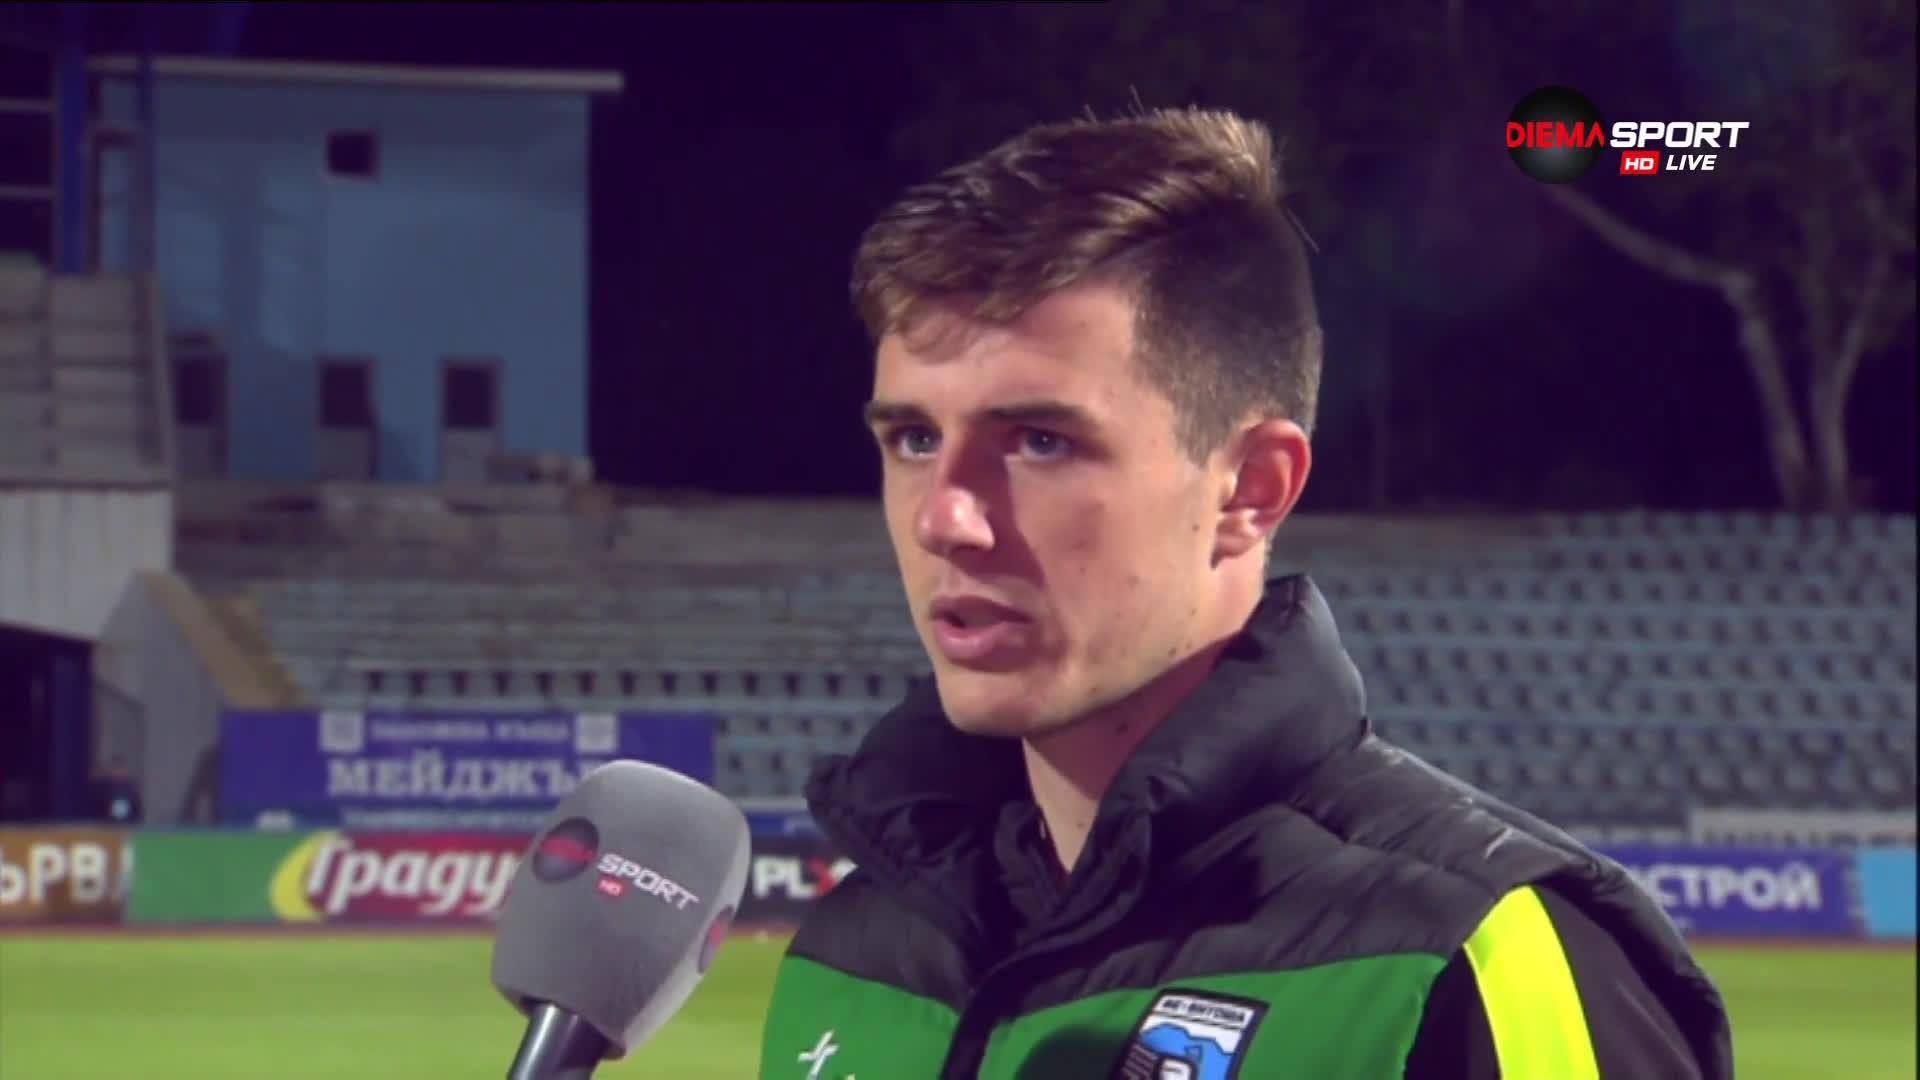 Лъчезар Котев: Добър резултат, в Бистрица трябва да бием